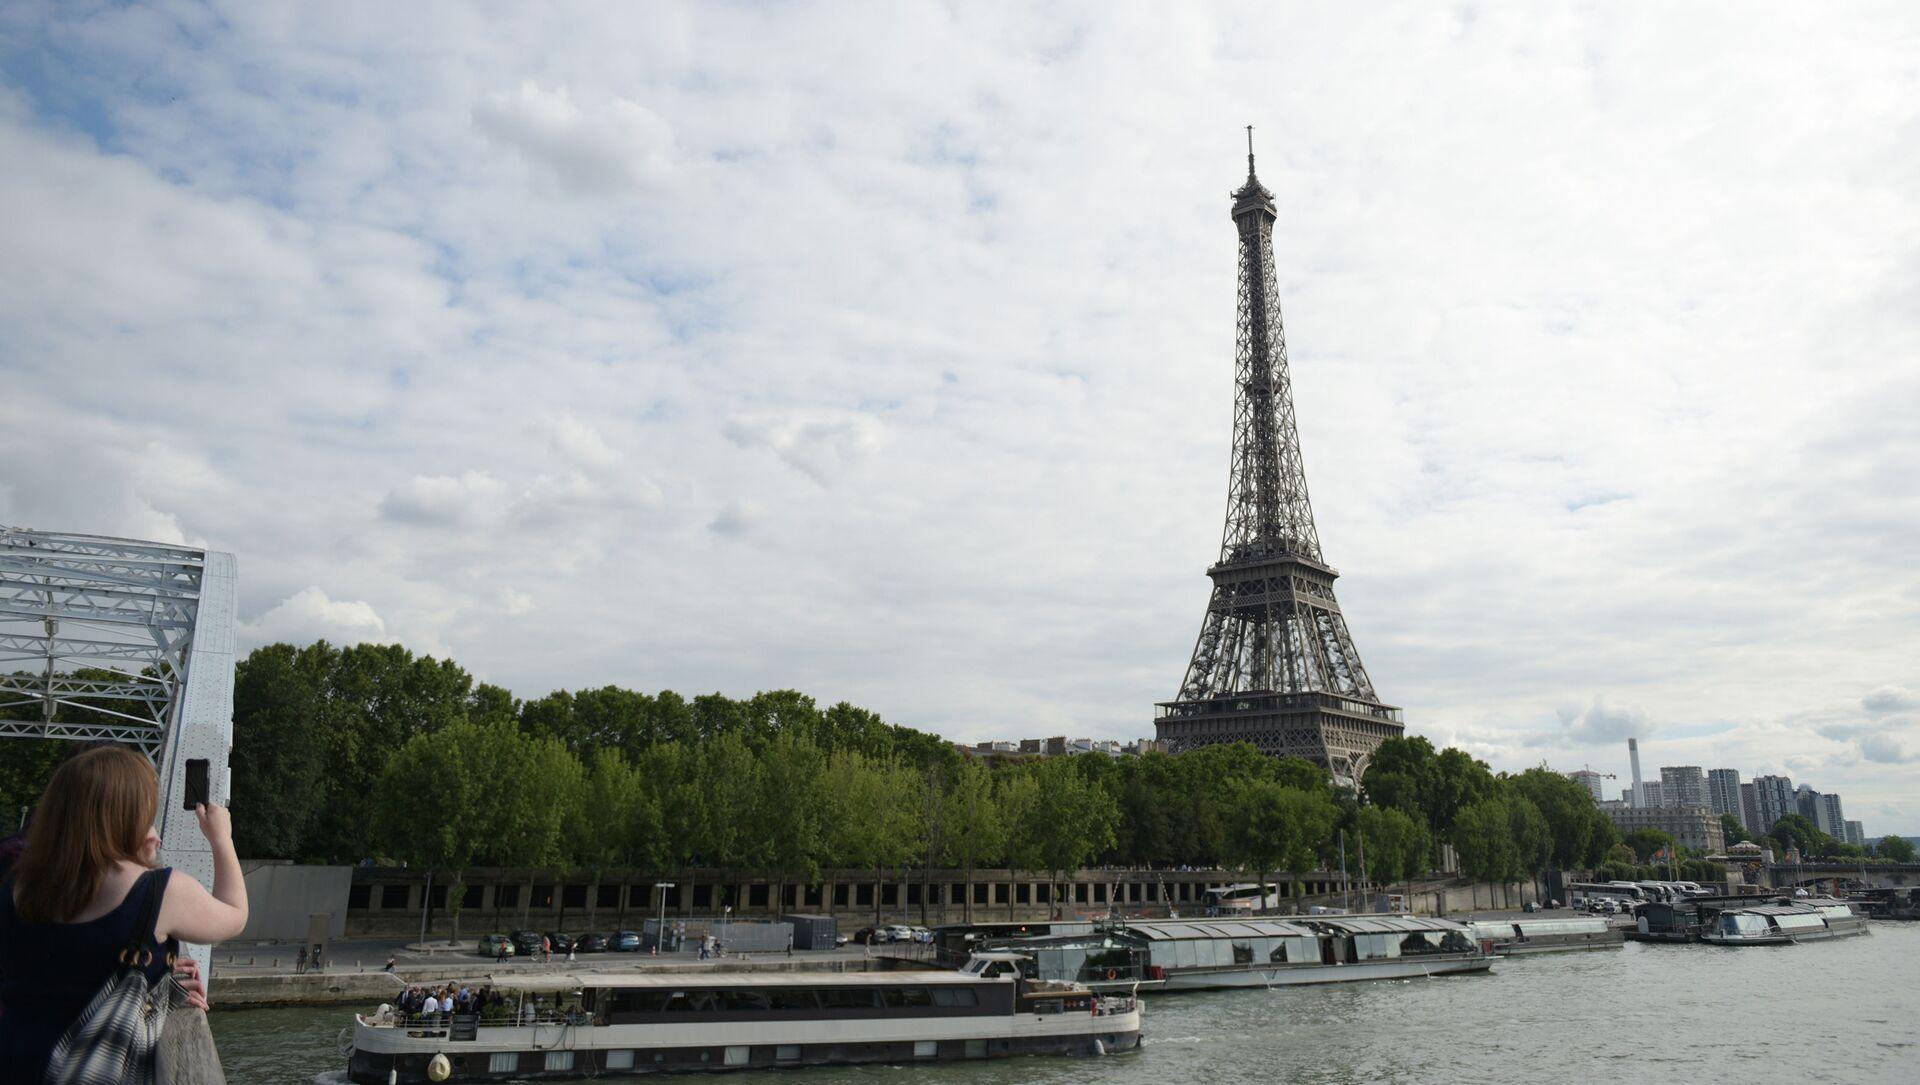 Эйфелева башня в Париже - Sputnik Грузия, 1920, 21.02.2021